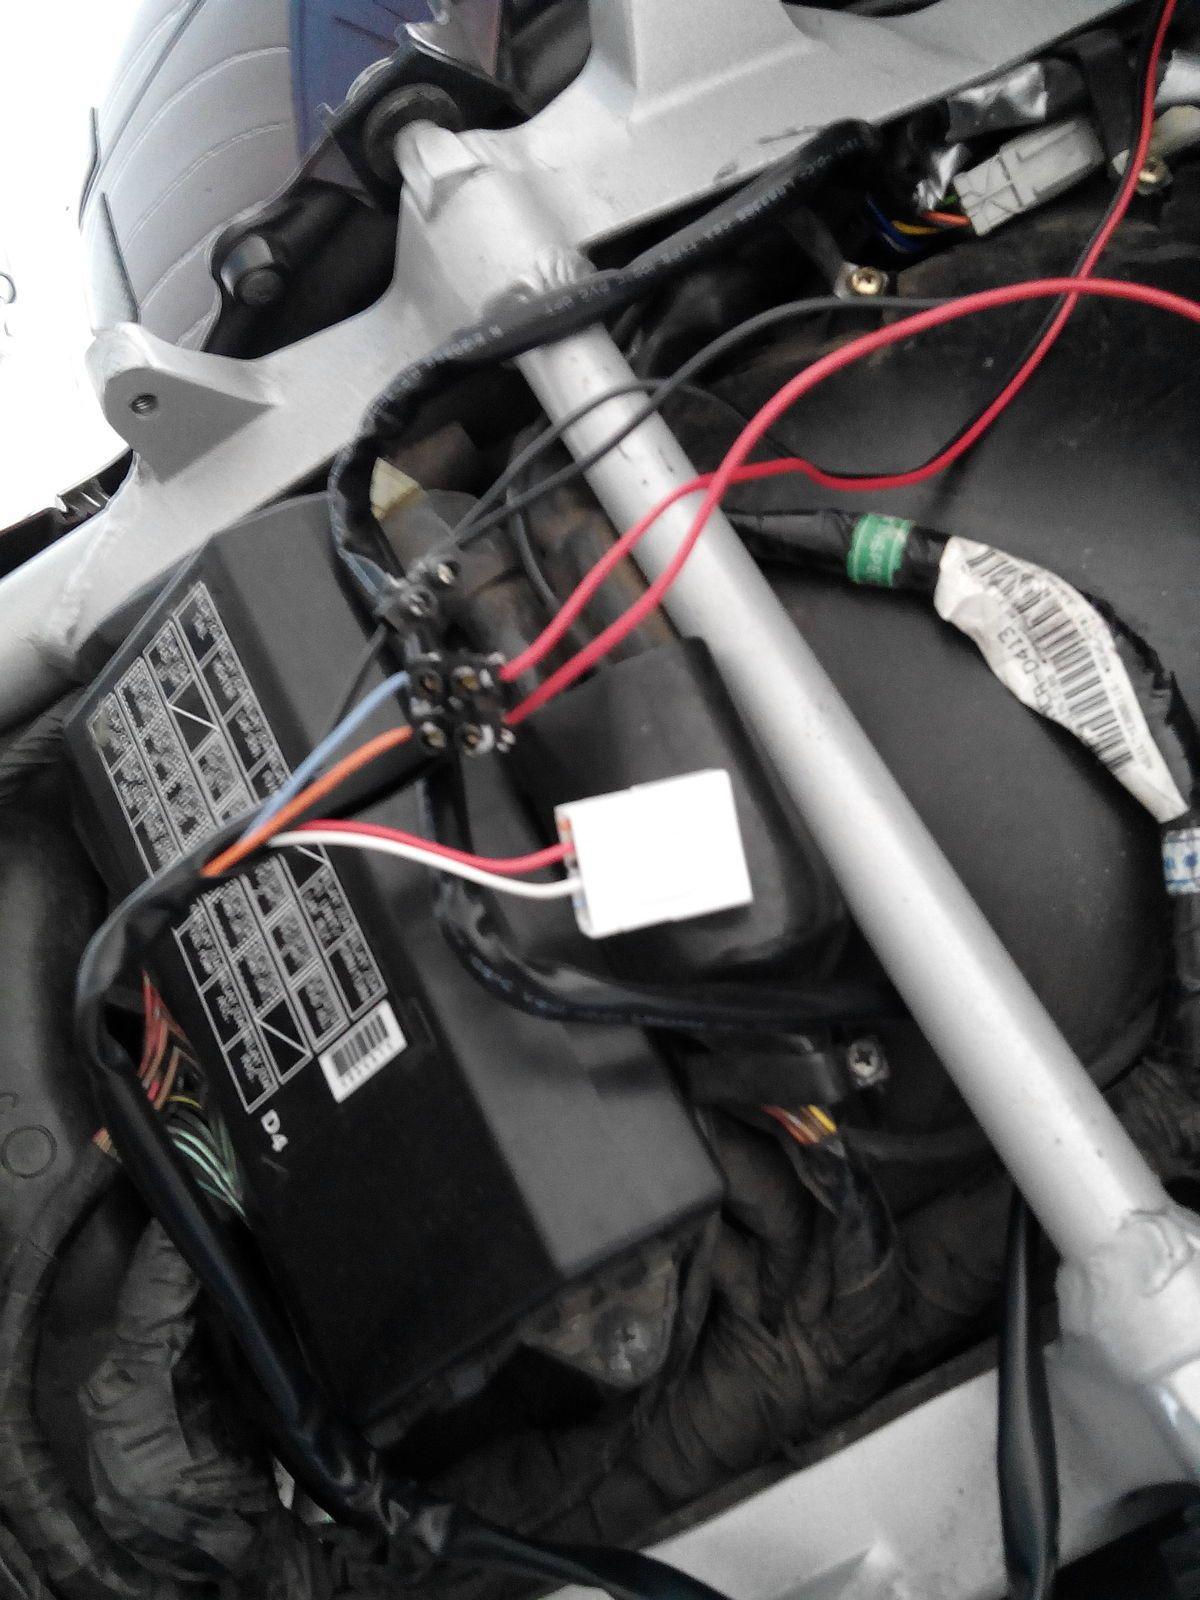 Goldwing 1800 - Connexion pour clignotants, feux AR ou remorque